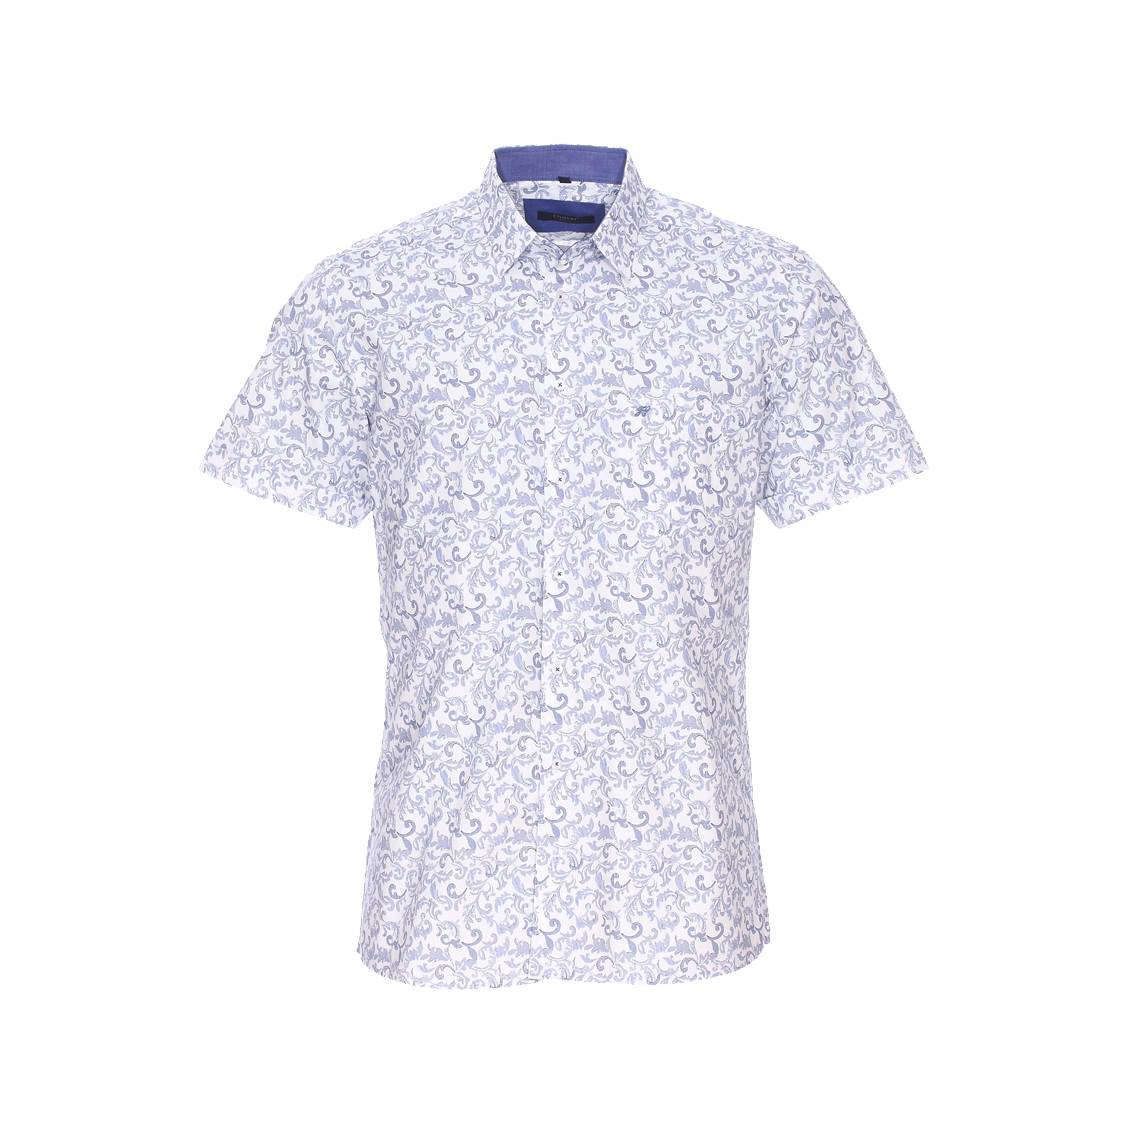 Chemise manches courtes  blanche à motifs floraux baroques bleus